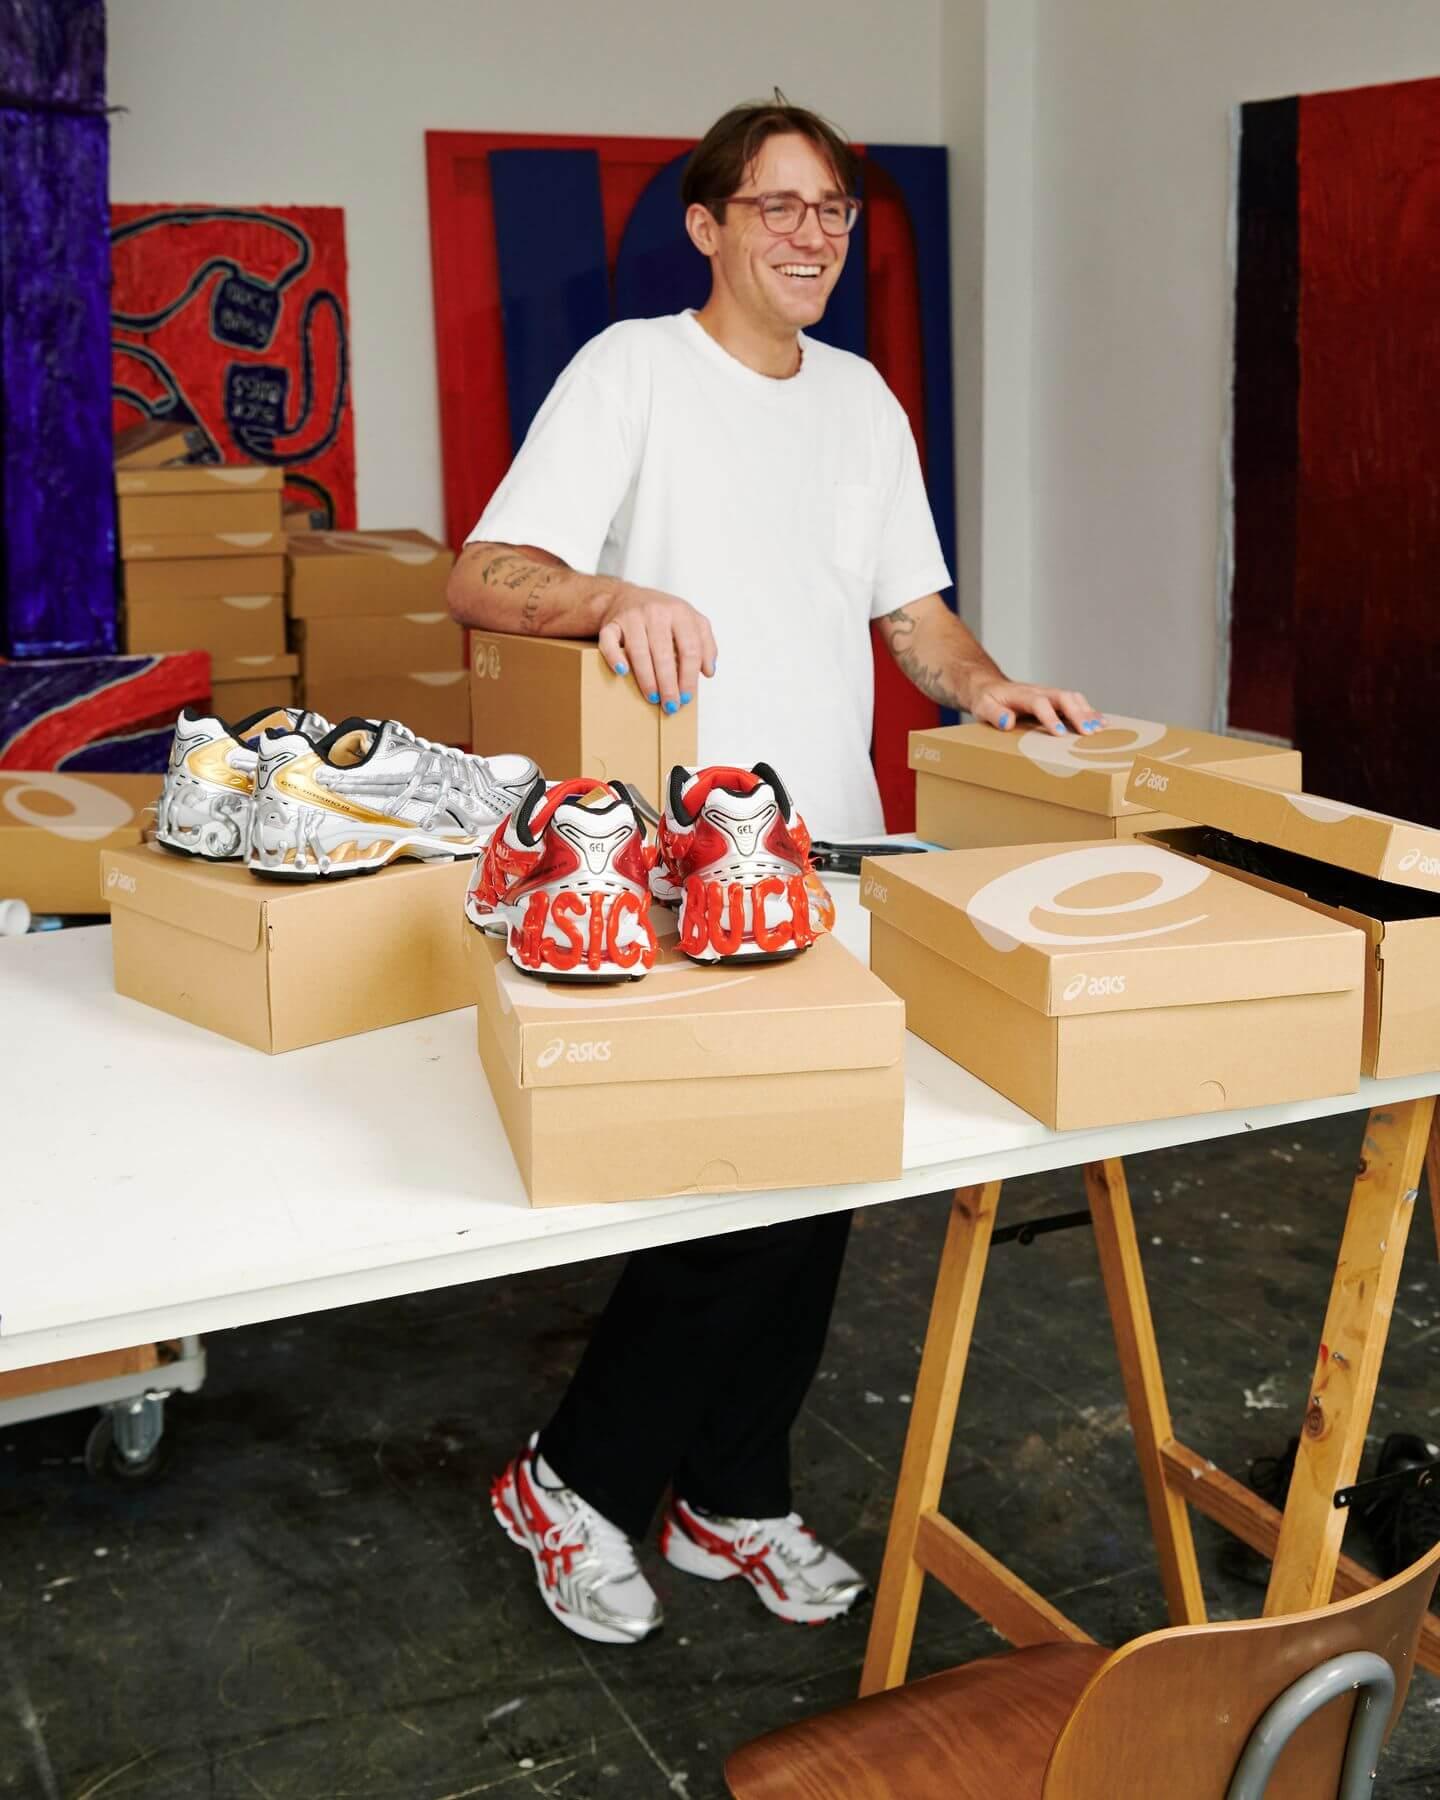 Dennis Buck bei der Arbeit - Crafts for Minds CFM Projekt mit ASICS SportStyle